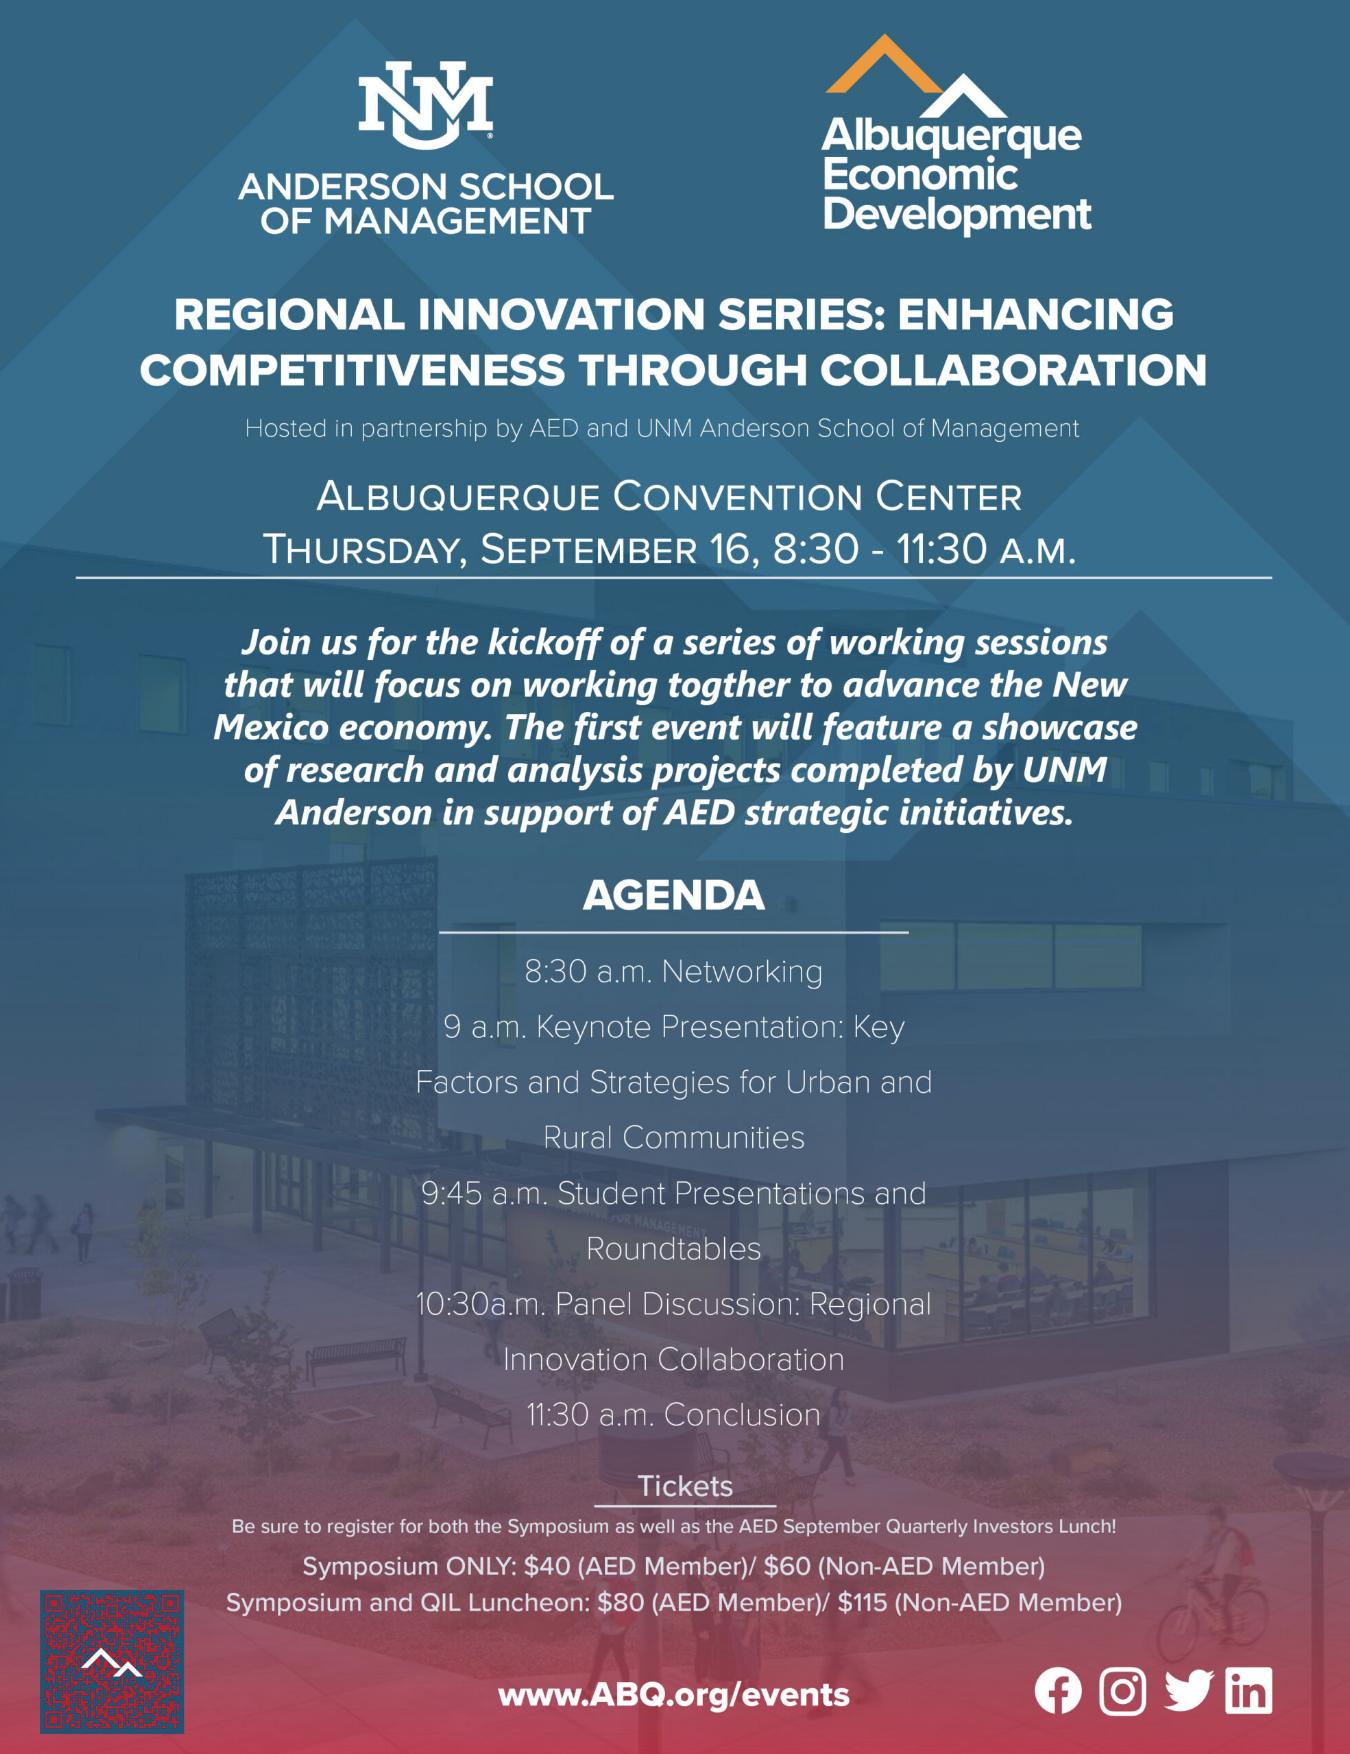 Regional Innovation Series